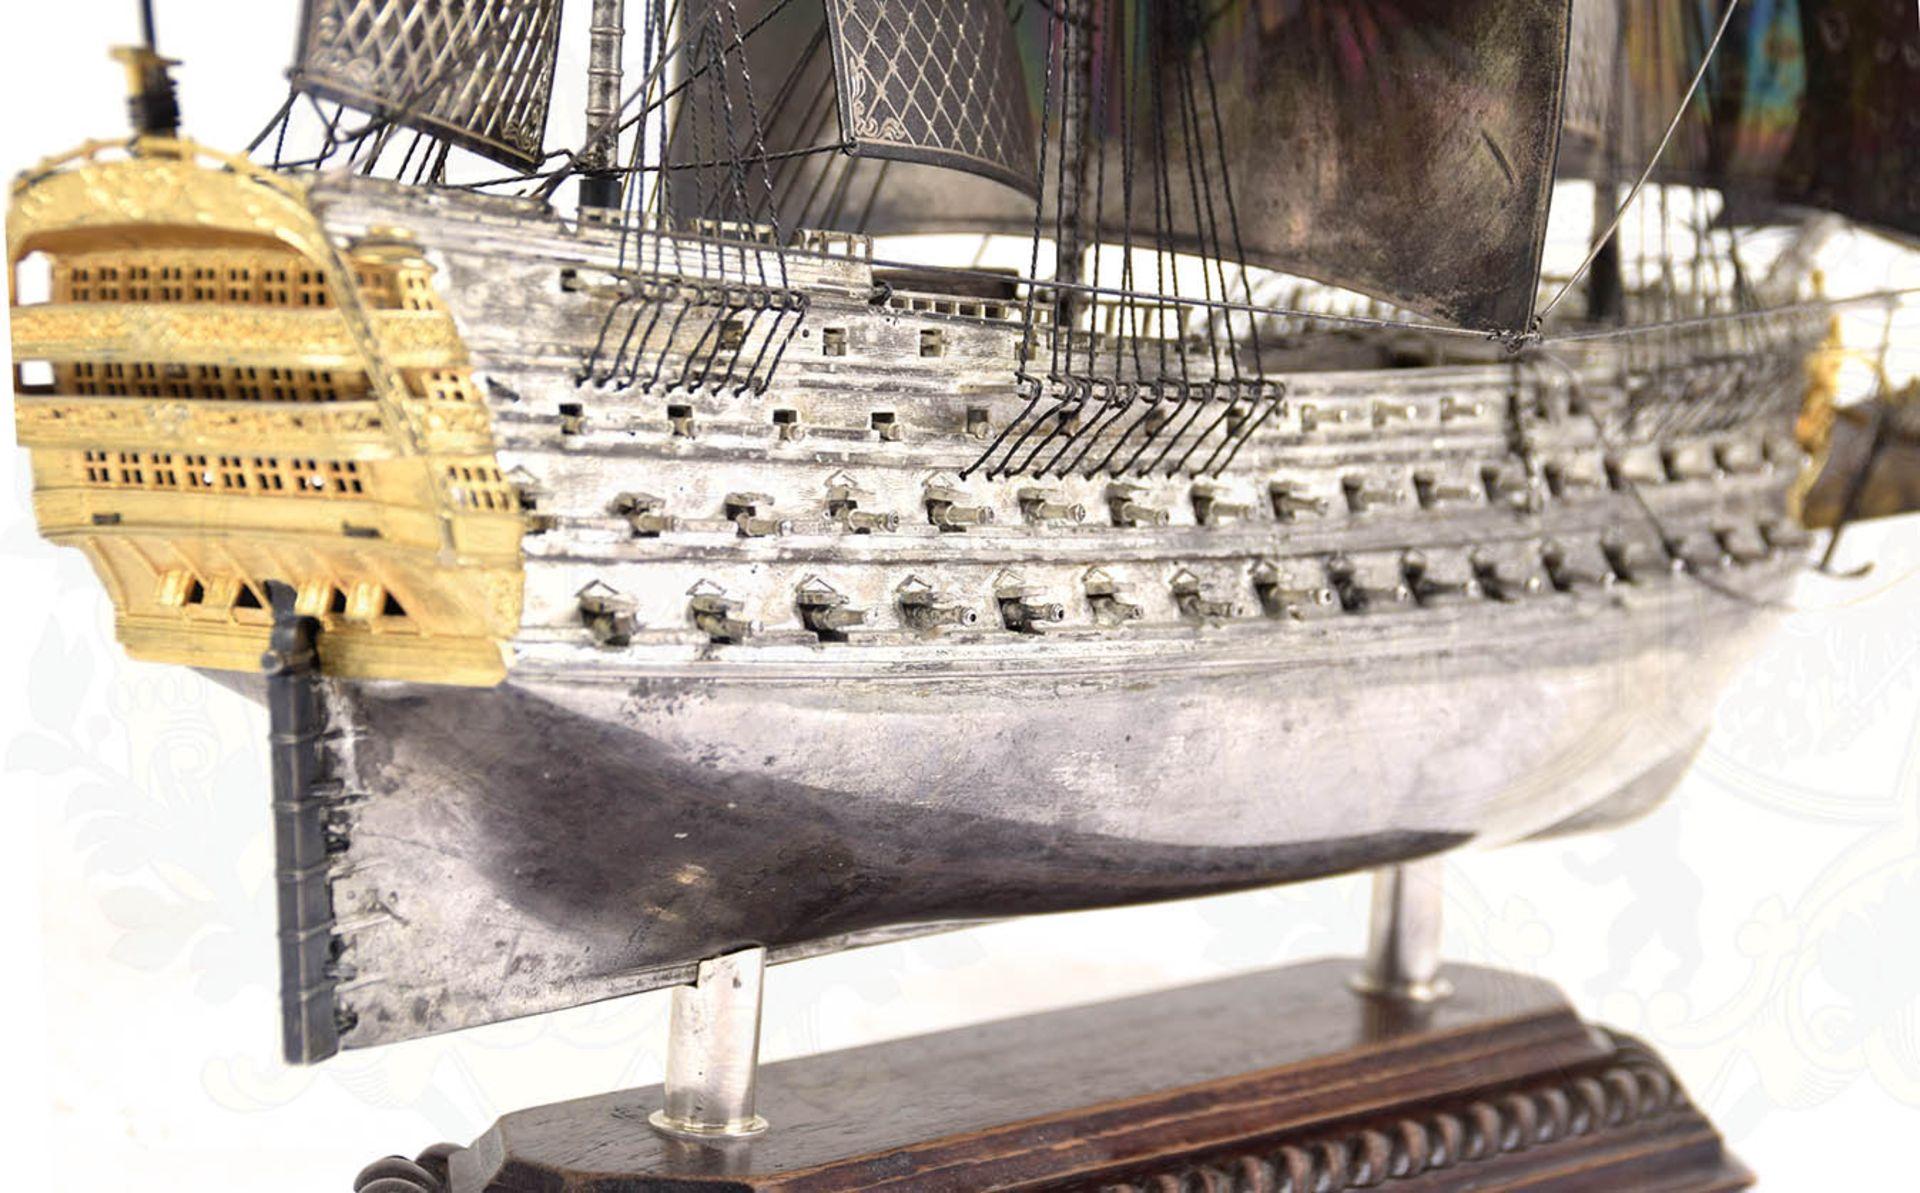 MODELL-LINIENSCHIFF, Dreidecker-Segellinienschiff der 2. Hälfte des 18. Jhd. mit 100 Kanonen, - Bild 13 aus 15